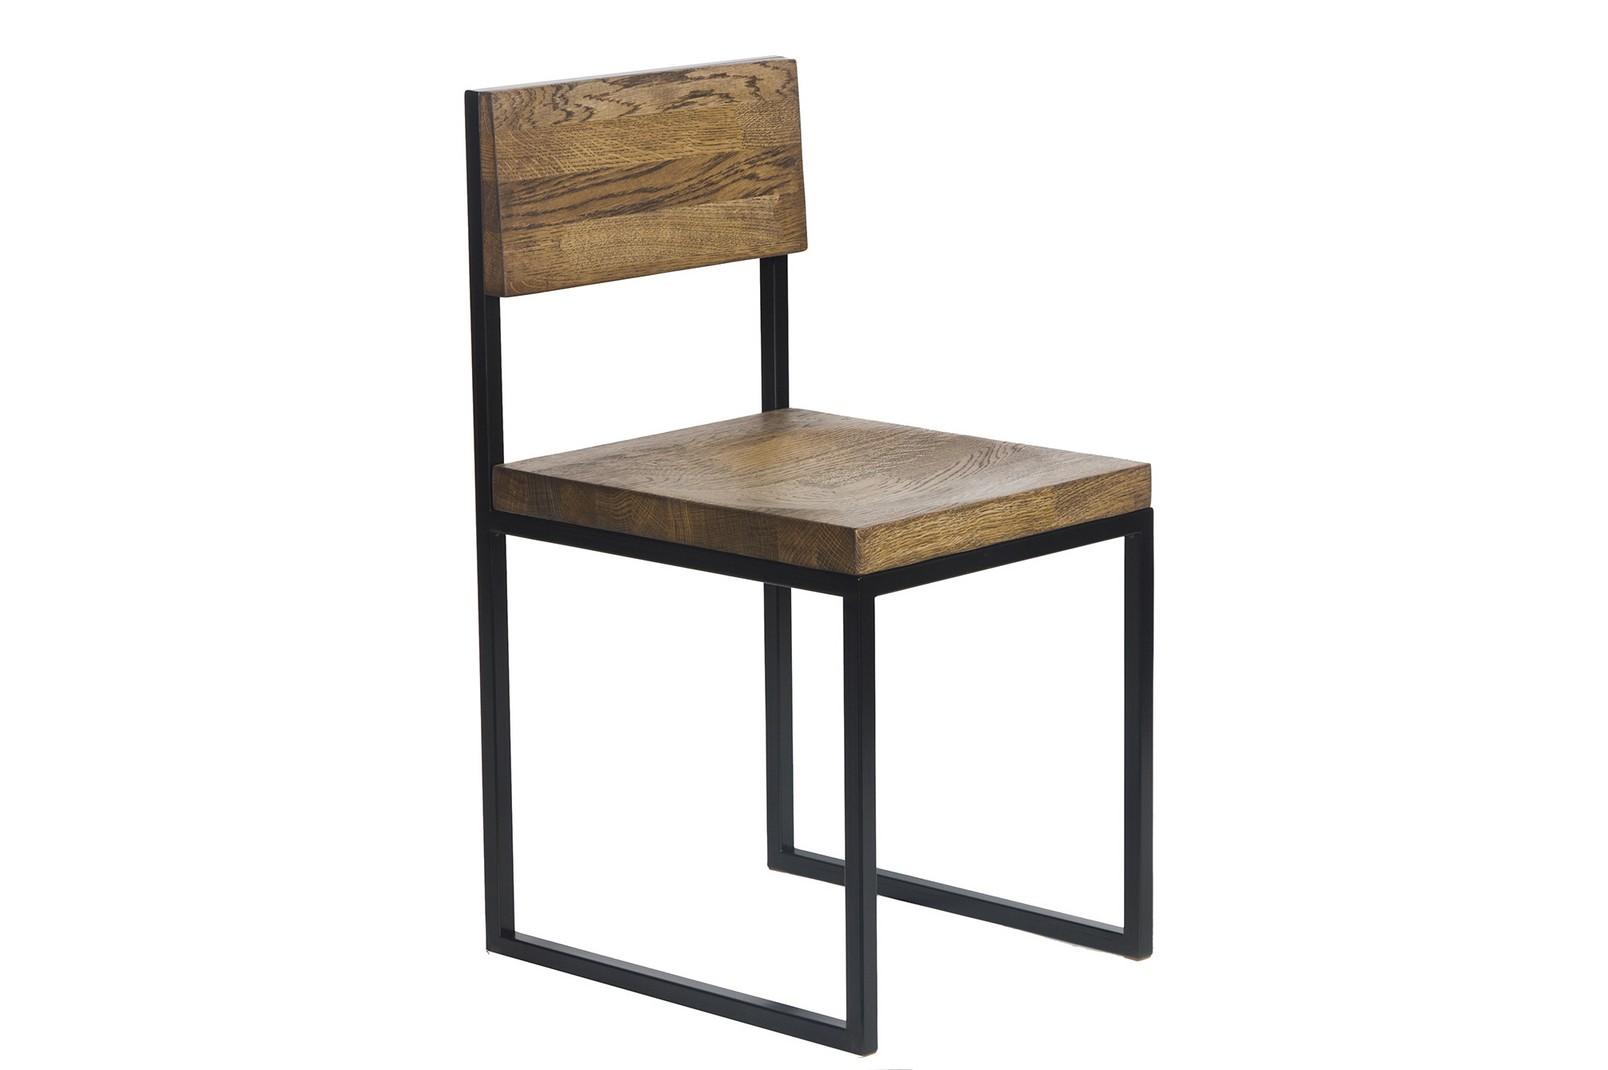 Стул Fullmoon OakОбеденные стулья<br>Стандартная высота сиденья: 45 см. Также возможен вариант повышенной высоты сиденья: 55 см&amp;lt;div&amp;gt;Материалы: дубовый мебельный щит, стальная труба&amp;lt;/div&amp;gt;&amp;lt;div&amp;gt;Возможны другие варианты отделки&amp;lt;/div&amp;gt;<br><br>Material: Металл<br>Ширина см: 39<br>Высота см: 78<br>Глубина см: 45